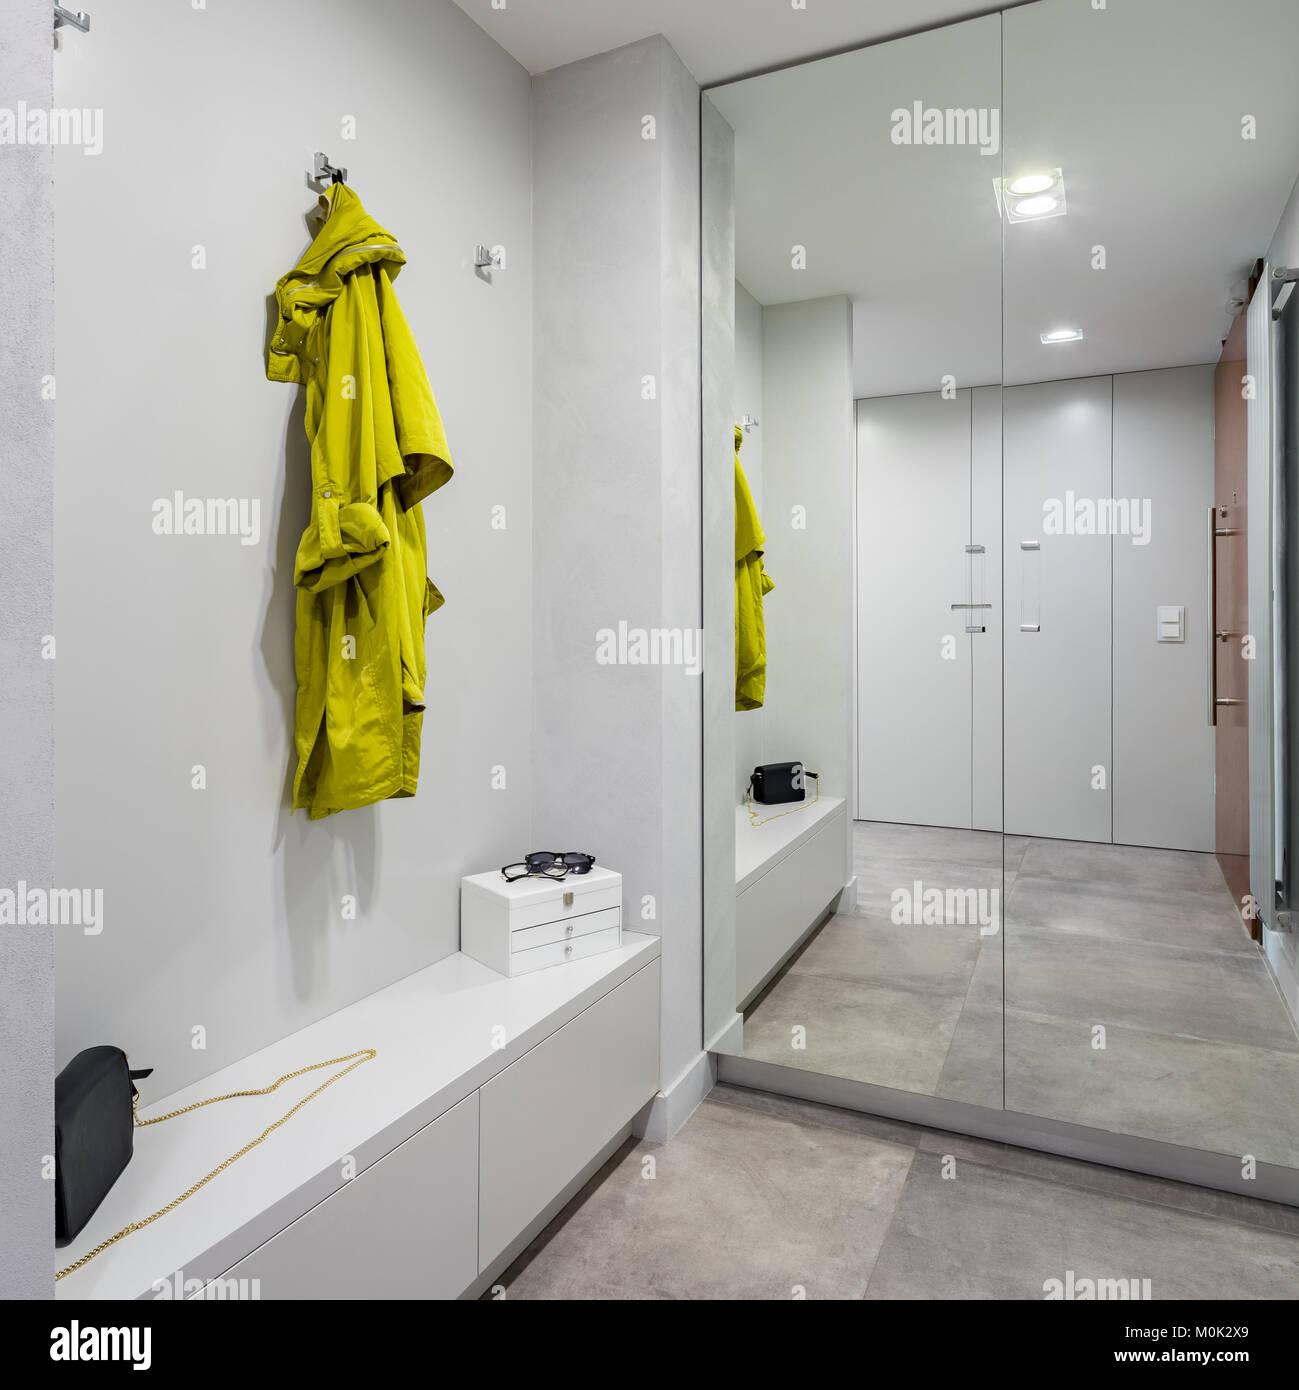 Moderno Armadio A Muro Ingresso.Ingresso Con Moderni Armadio Con Specchi E Bianco Banco Di Storage